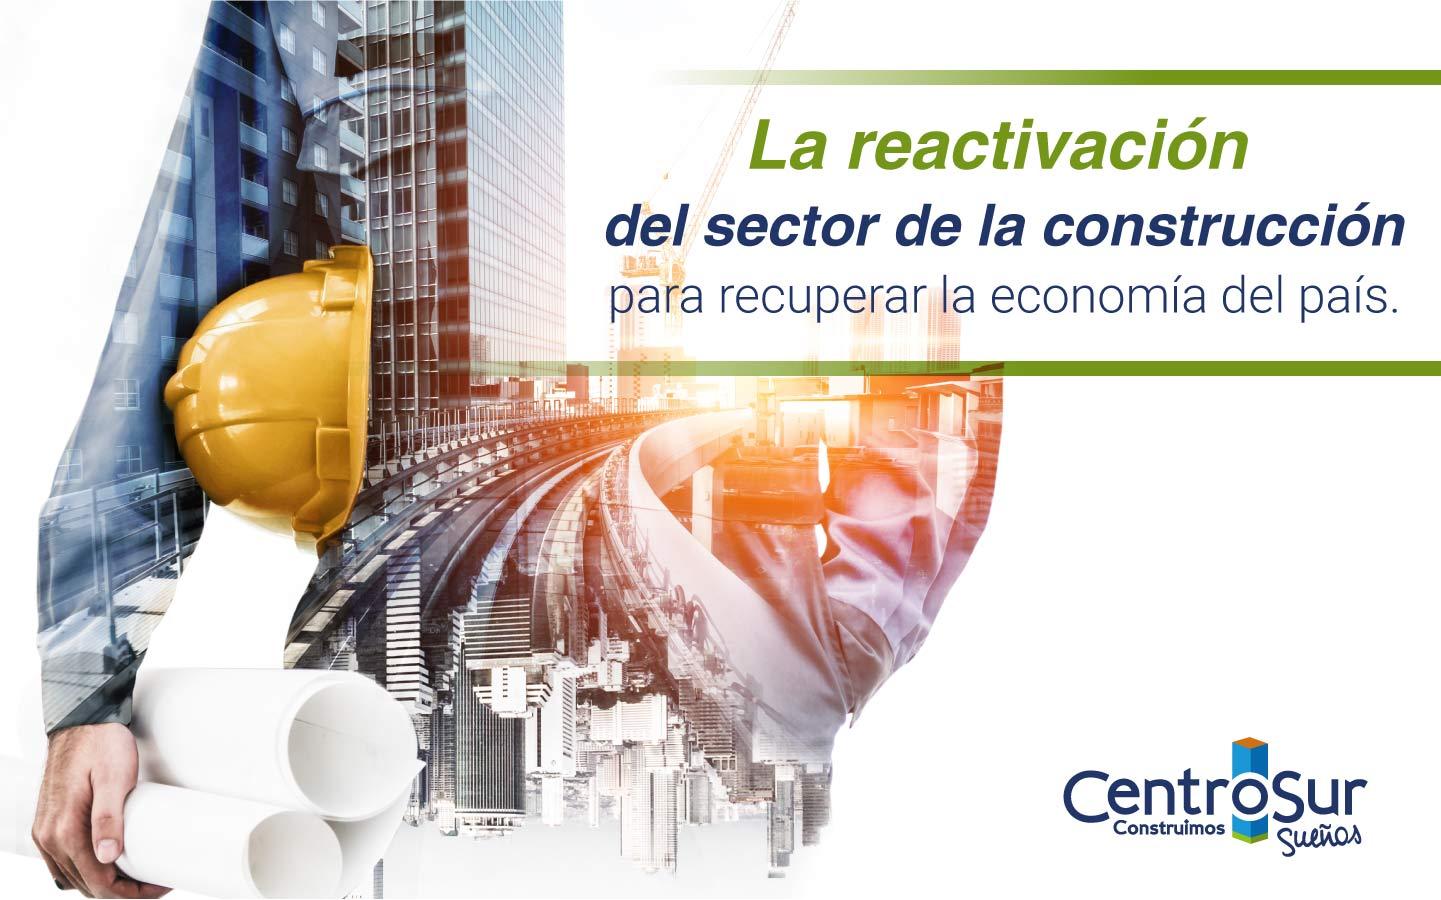 Reactivación del sector de la construcción